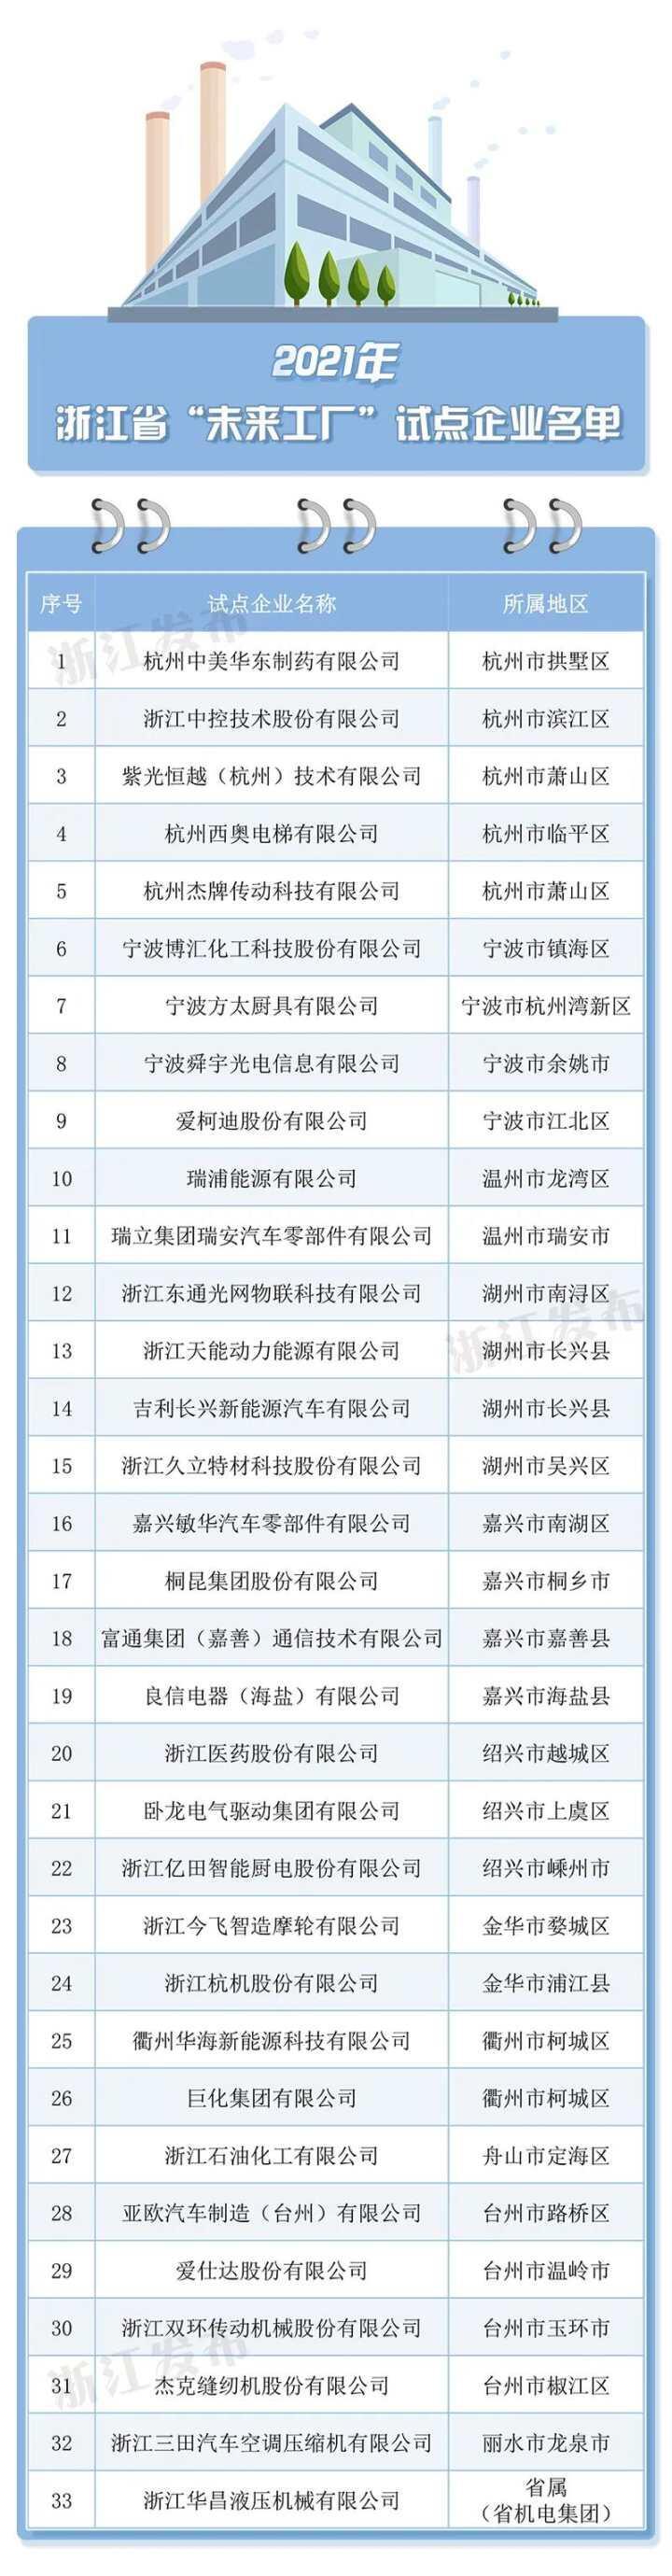 """浙江33家企业成为全省""""未来工厂""""试点 杭州这些企业上榜"""